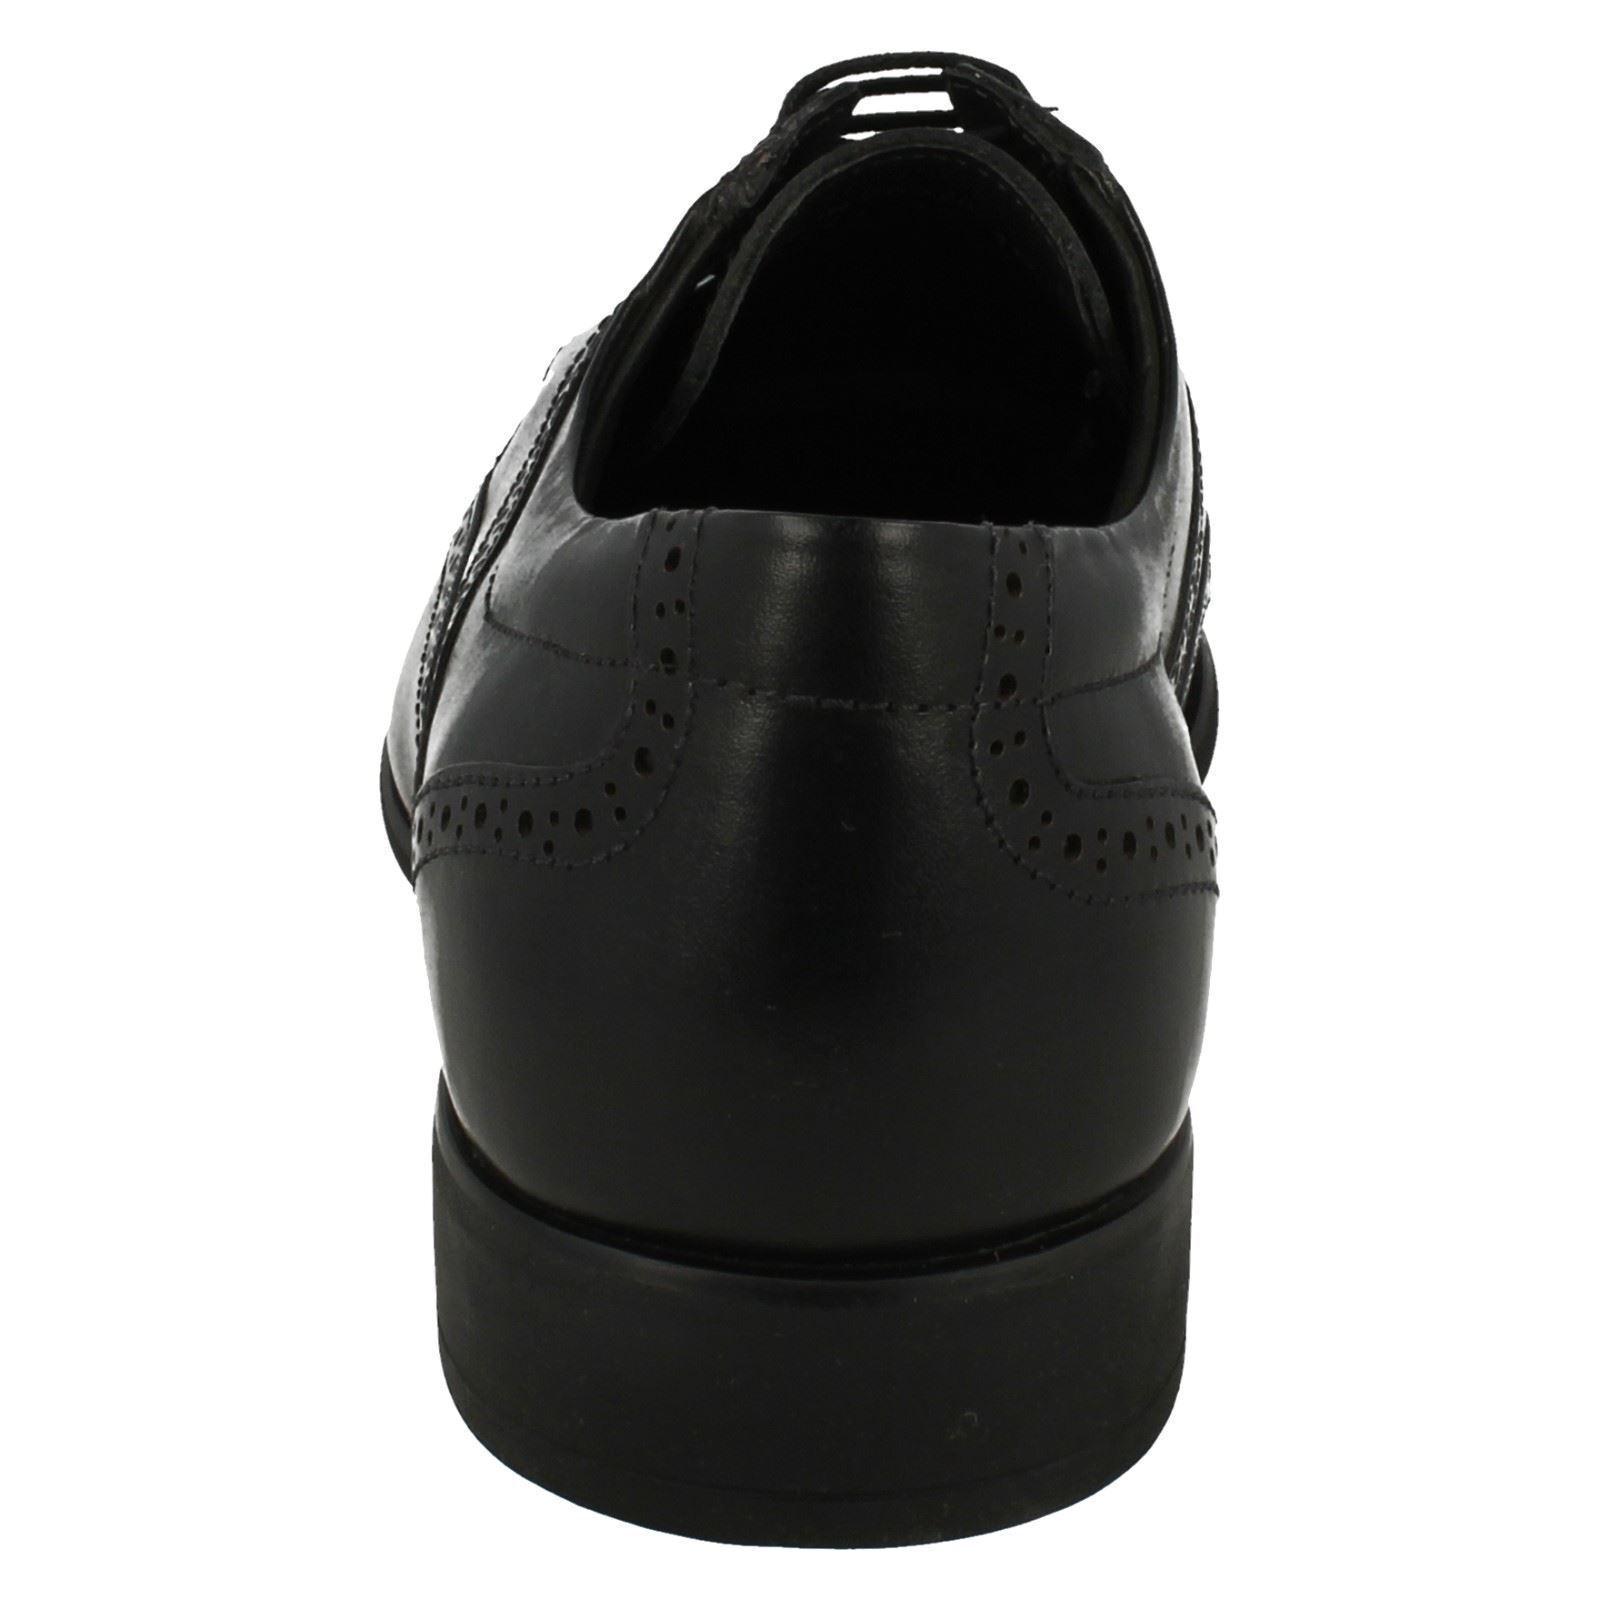 Herren panapolis schwarzes Leder förmliche Schuhe von Anatomic Einzelhandel